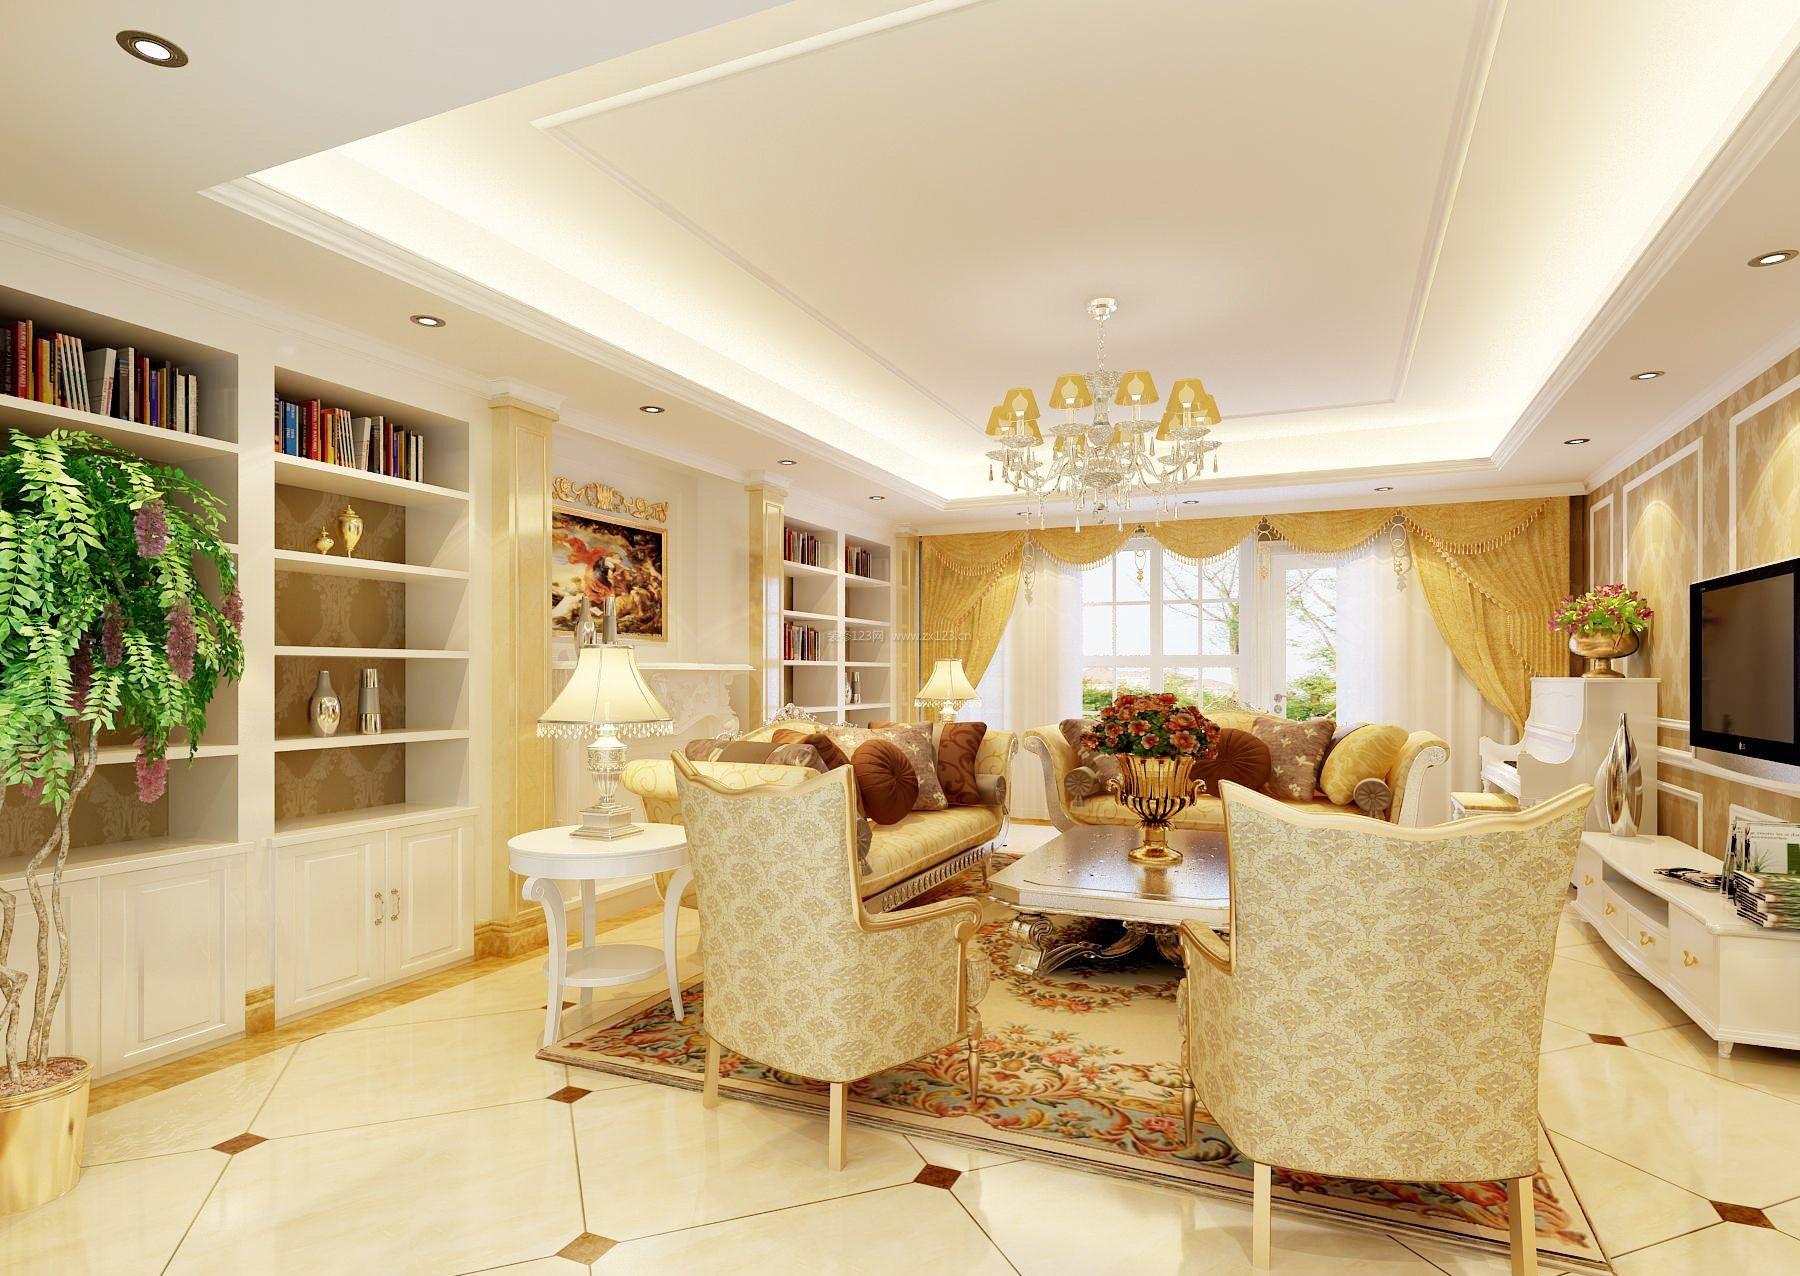 简欧风格吊顶造型装修客厅效果图图片